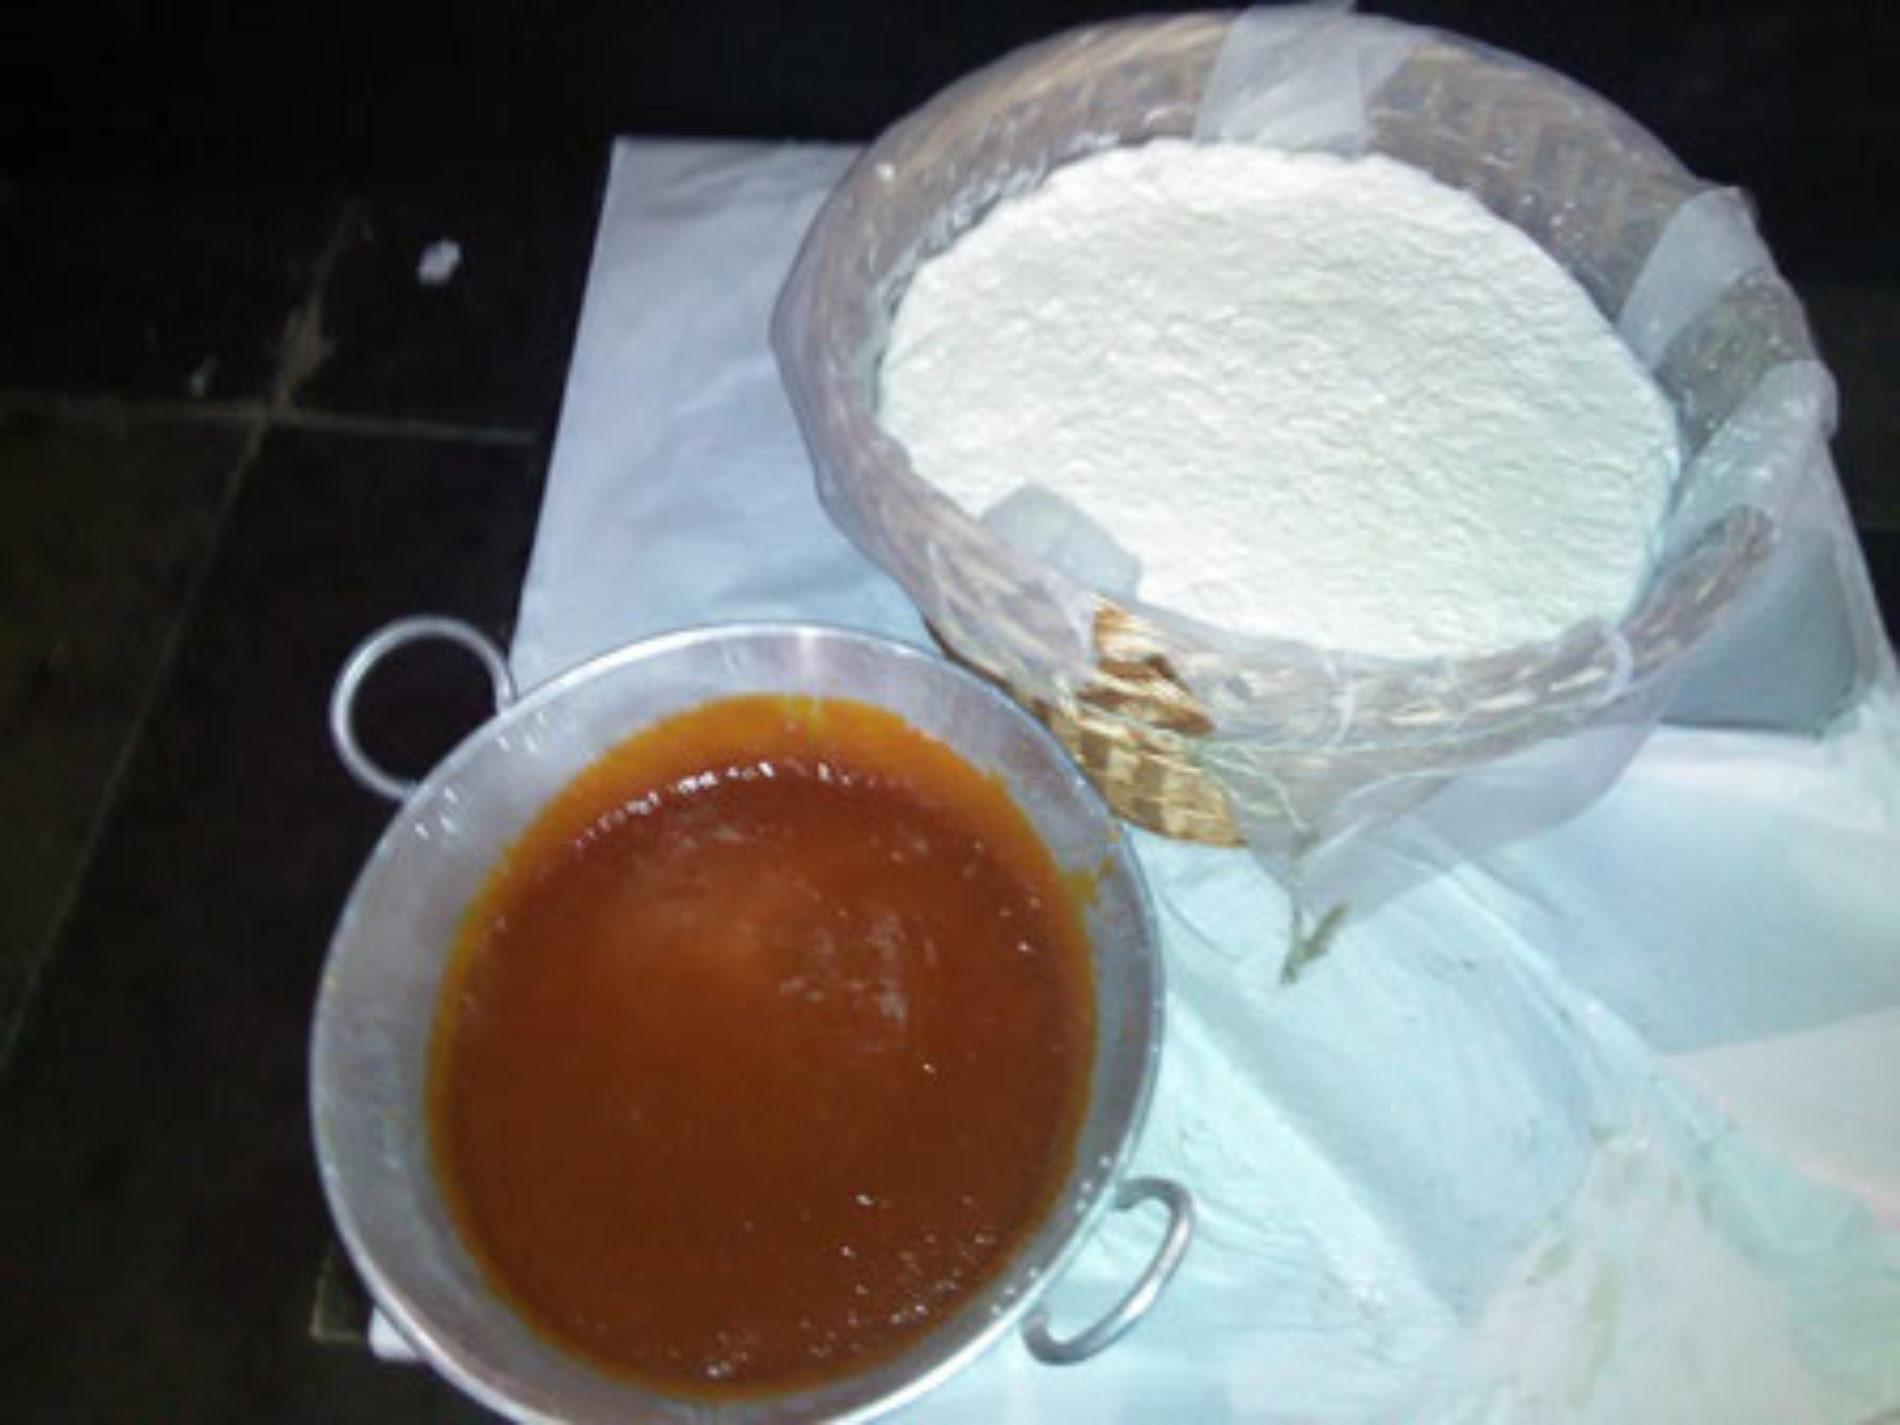 Oliveira do Hospital confecionou maior requeijão do mundo com 63,5 Kg. A iguaria foi servida com 26 Kg de doce de abóbora